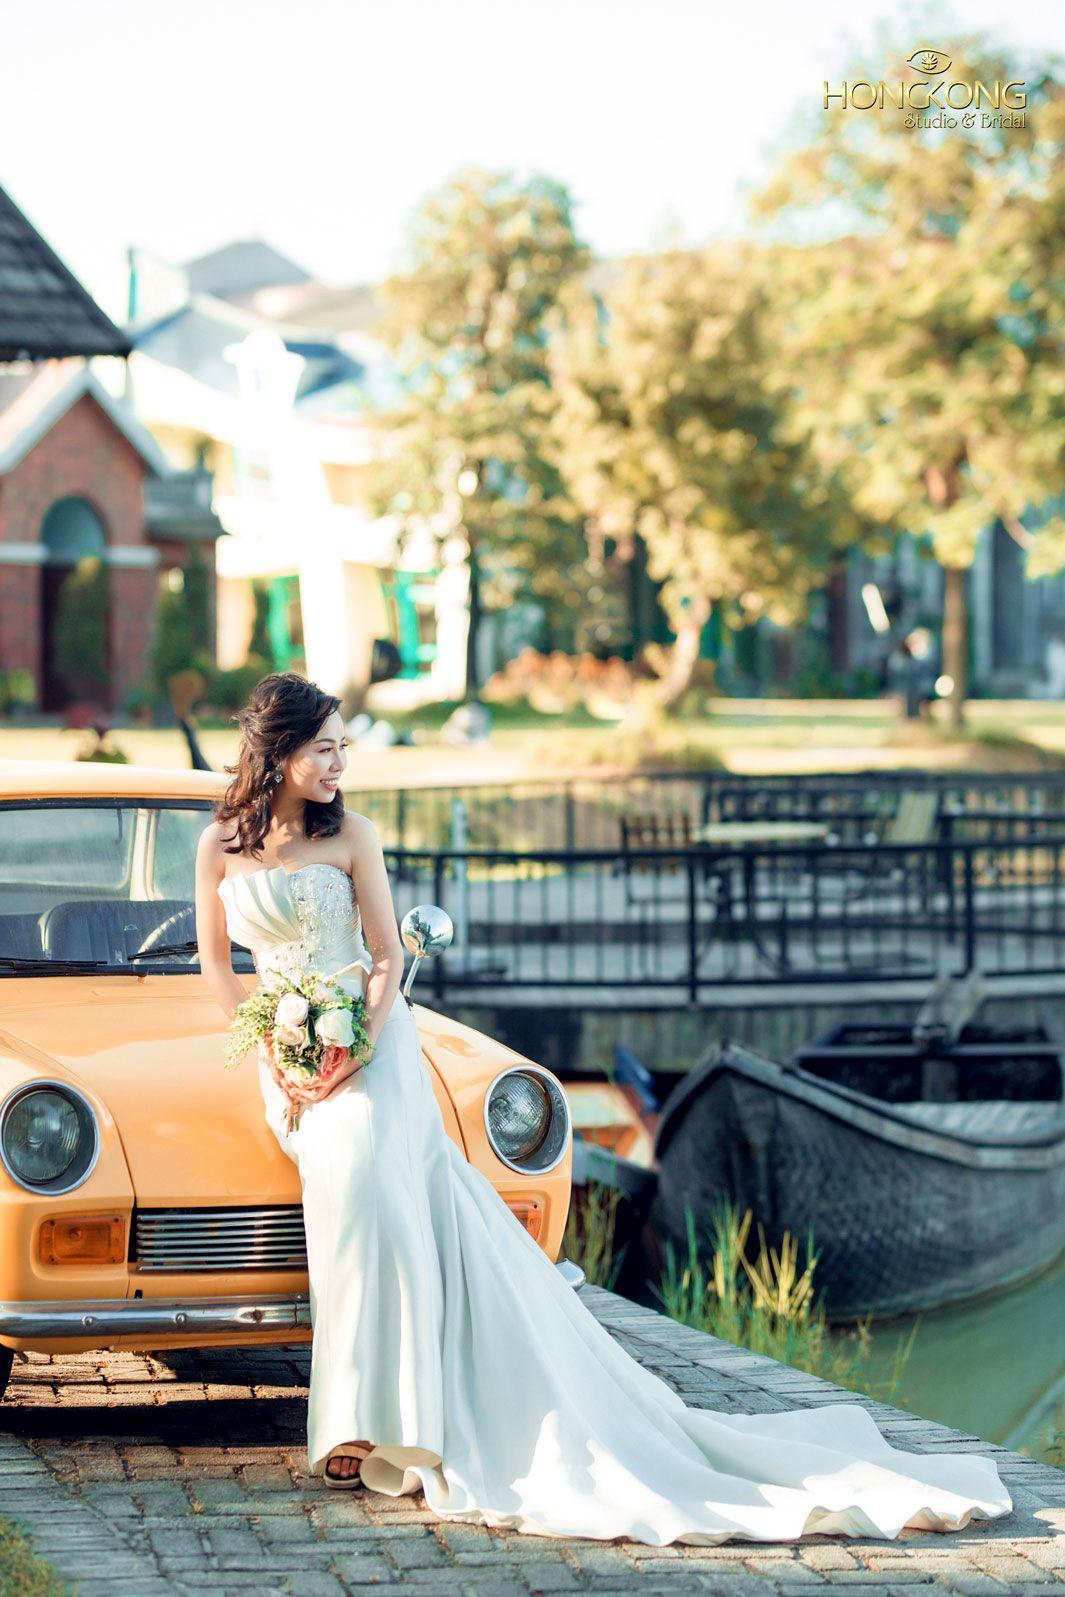 chọn váy cưới đẹp dáng quả chuối 1